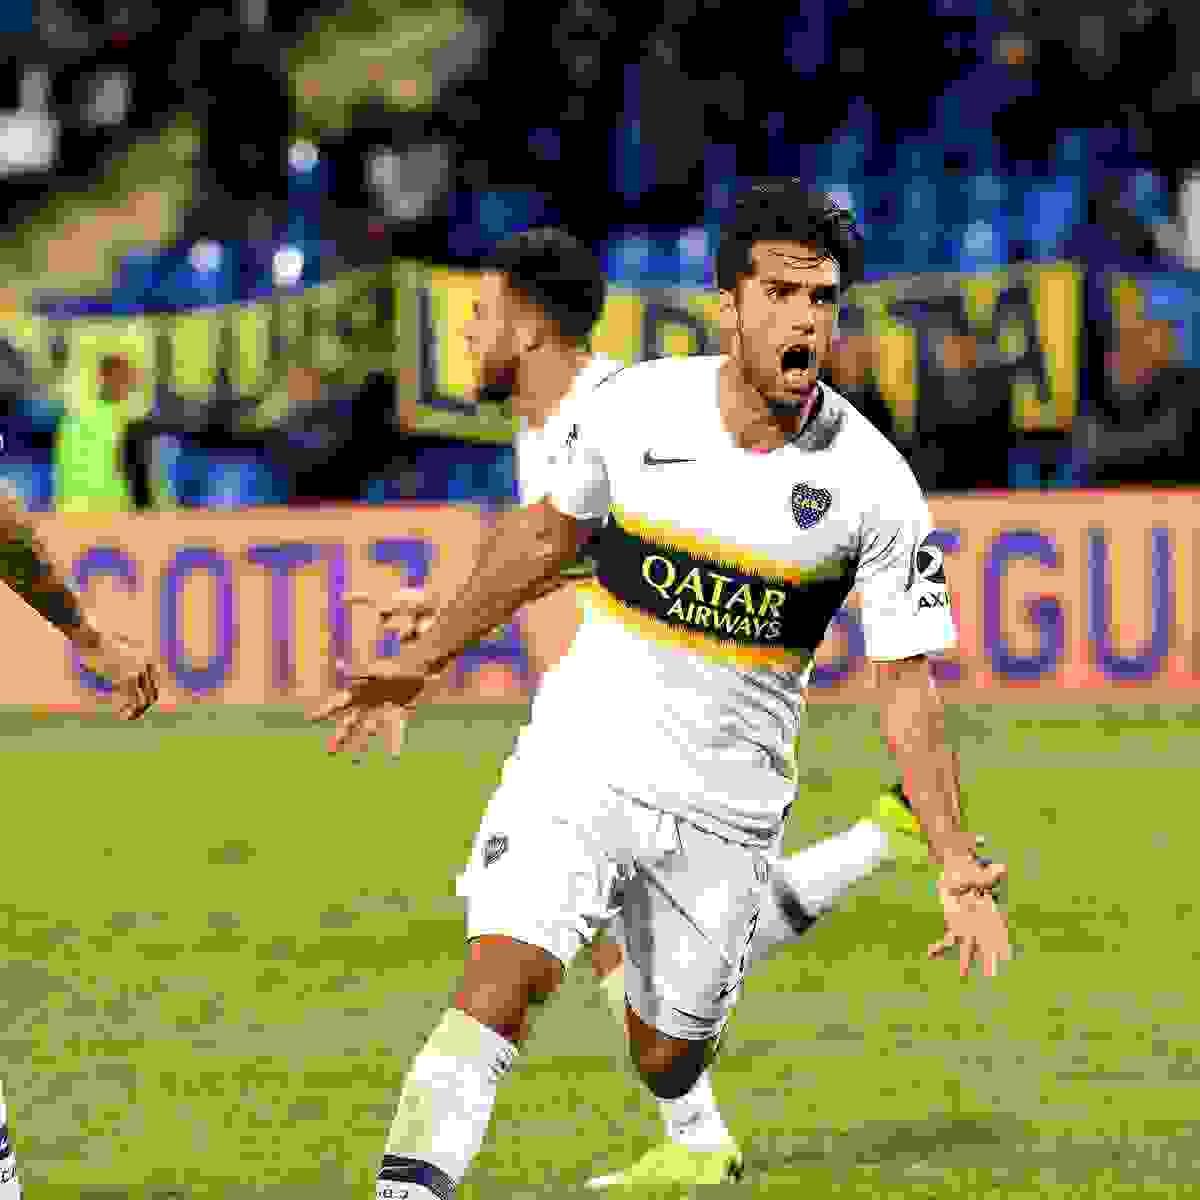 La dirigencia del Club Atlético Independiente intentarán cerrar pronto la llegada de Emmanuel Mas.